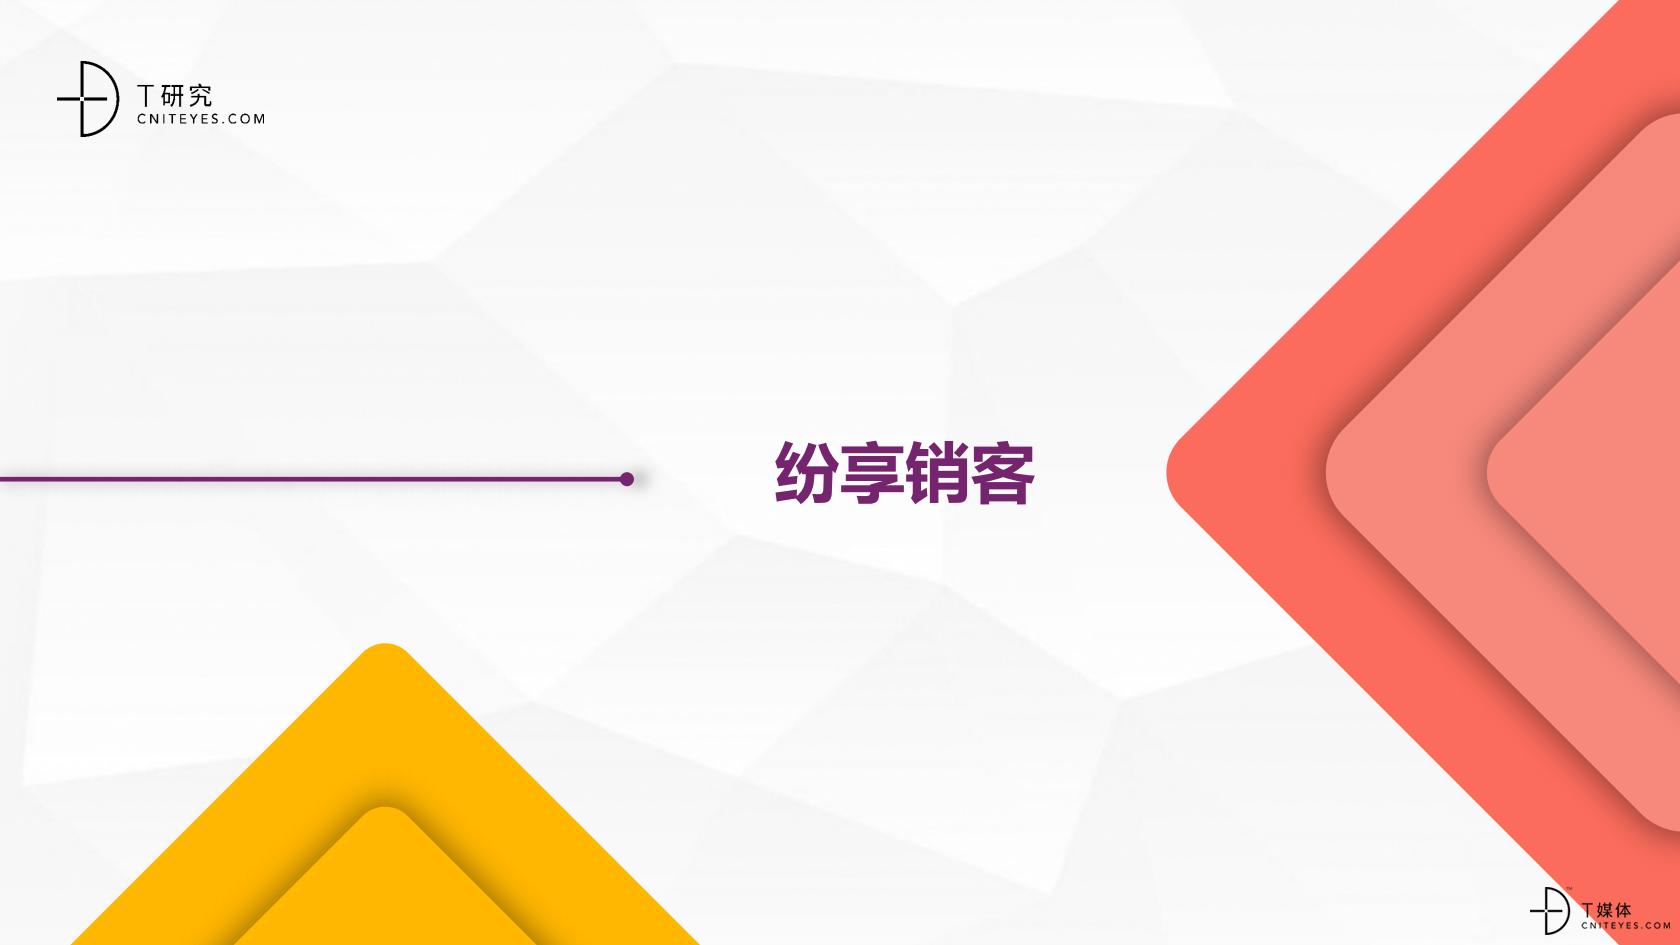 2_2020中国CRM指数测评报告v1.5_19.png